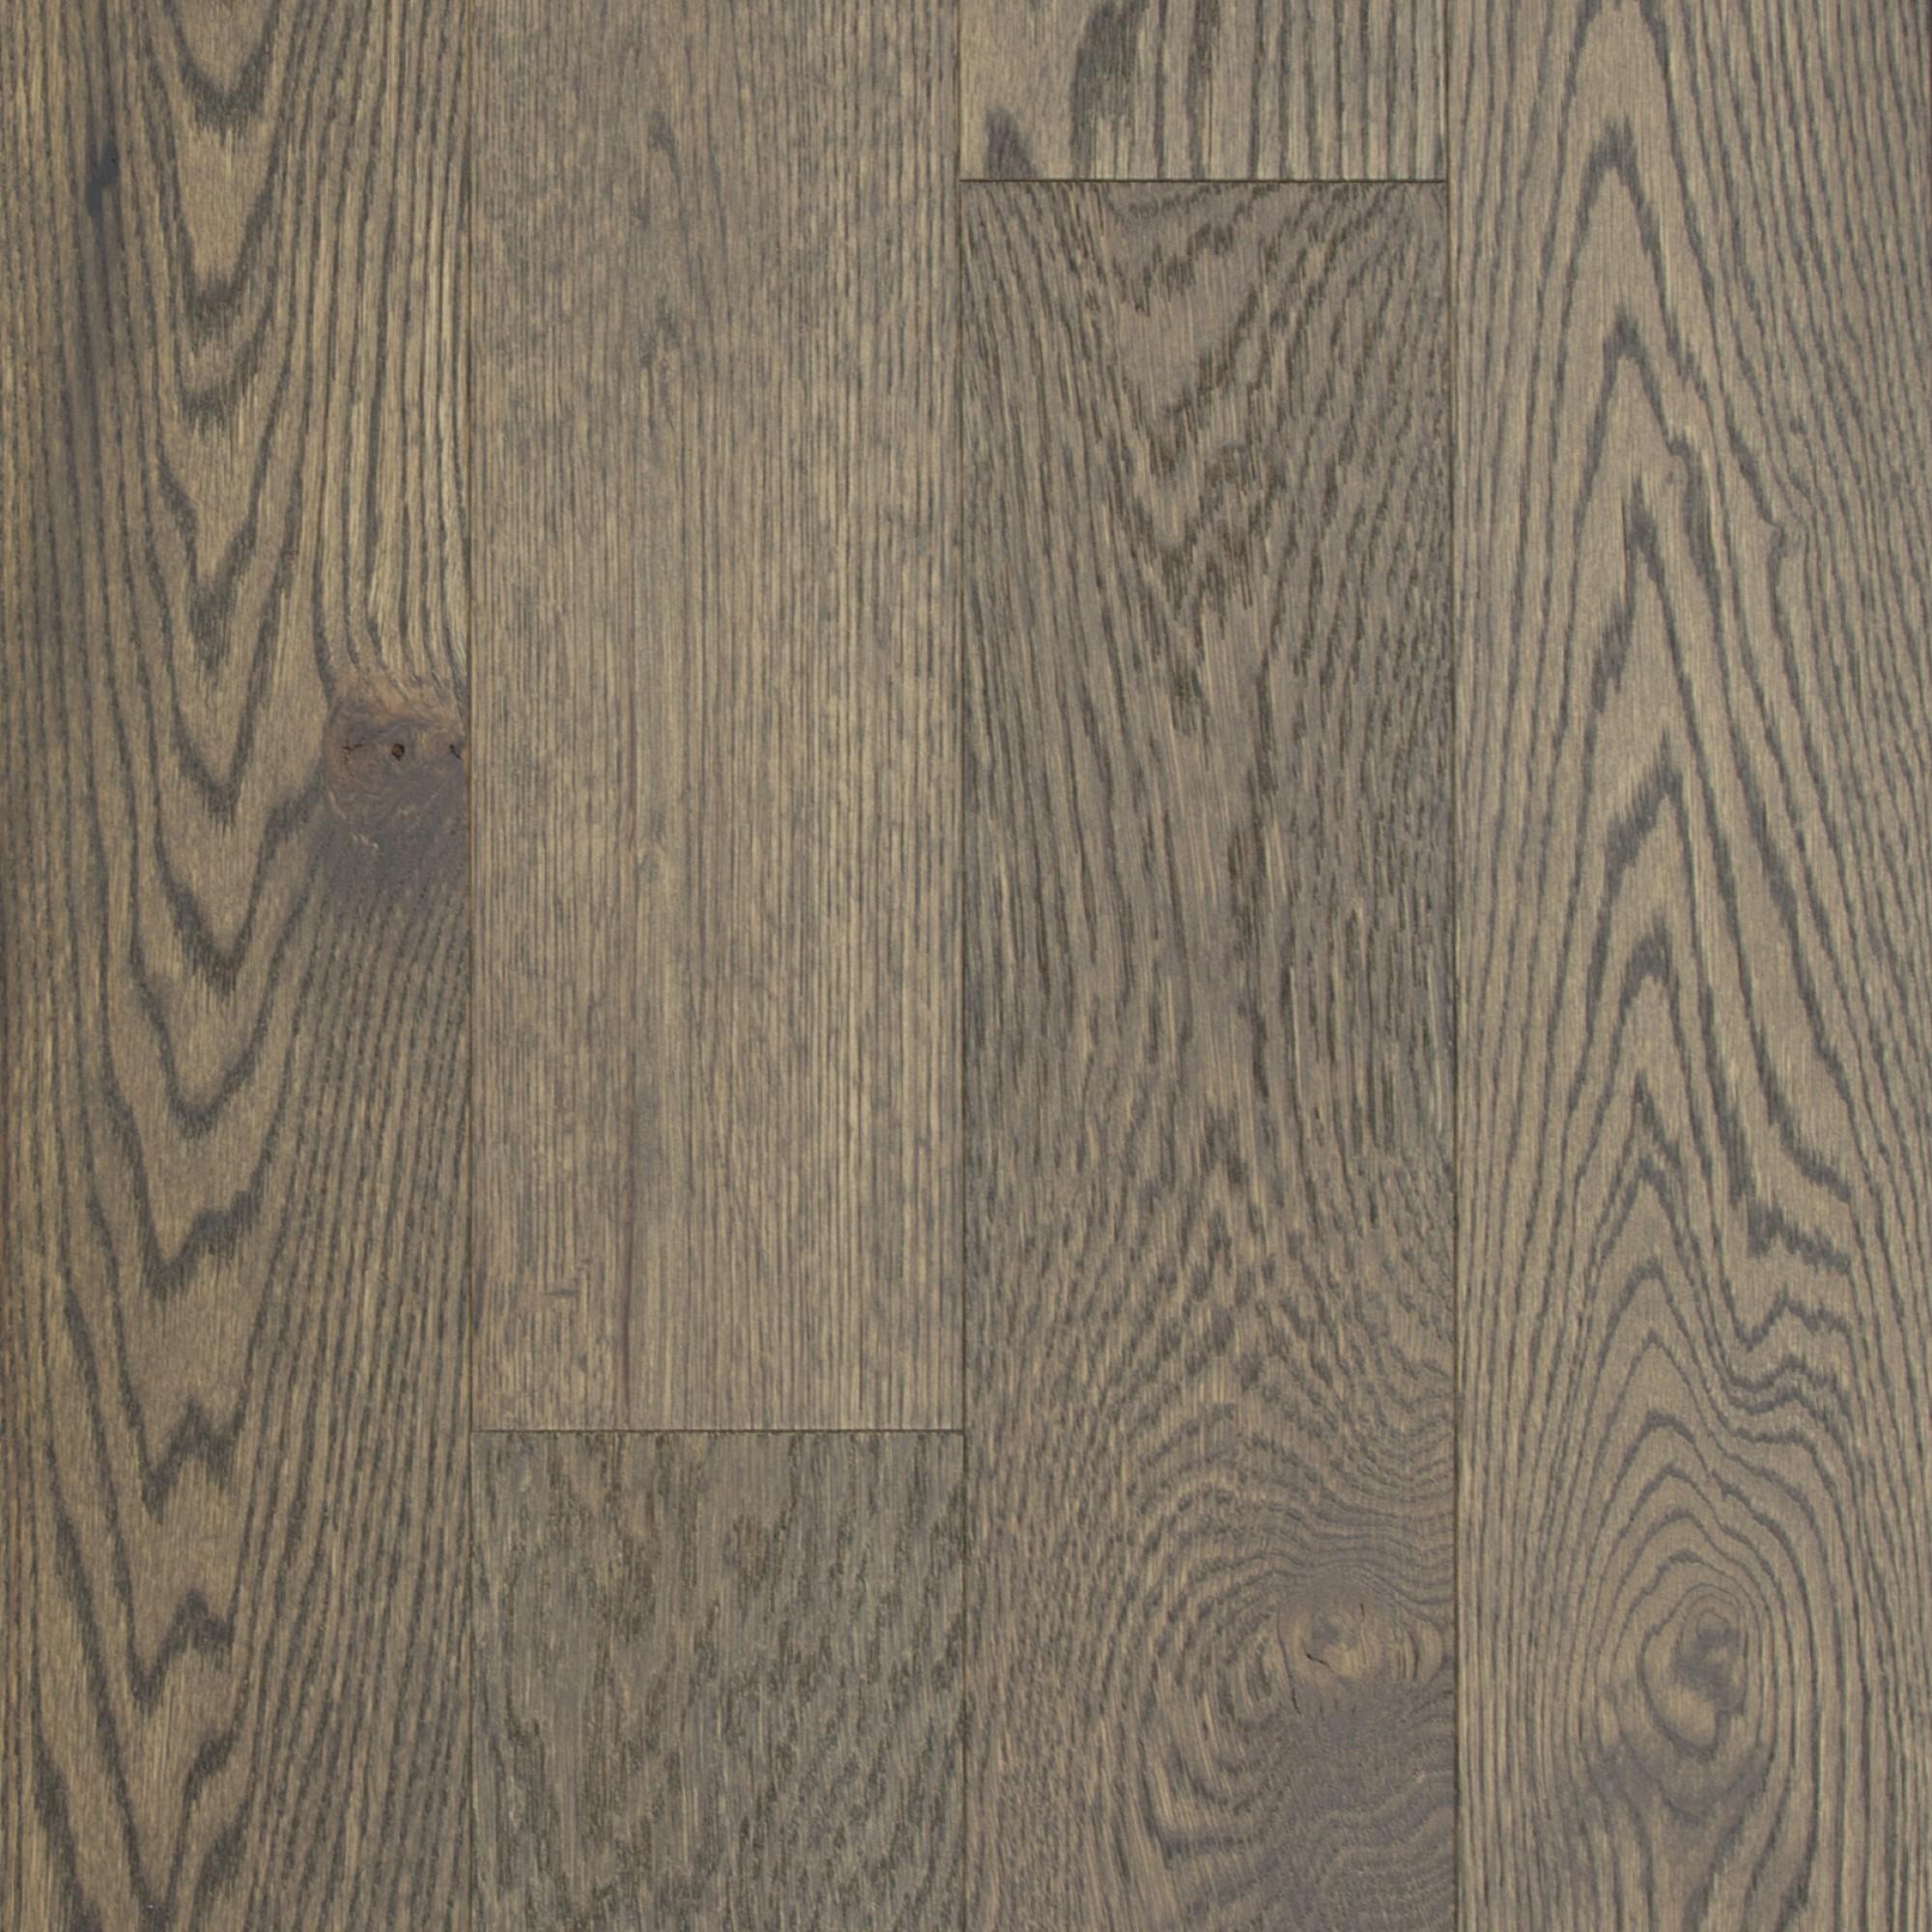 Wire Brushed White Oak Zeus Vintage Hardwood Flooring